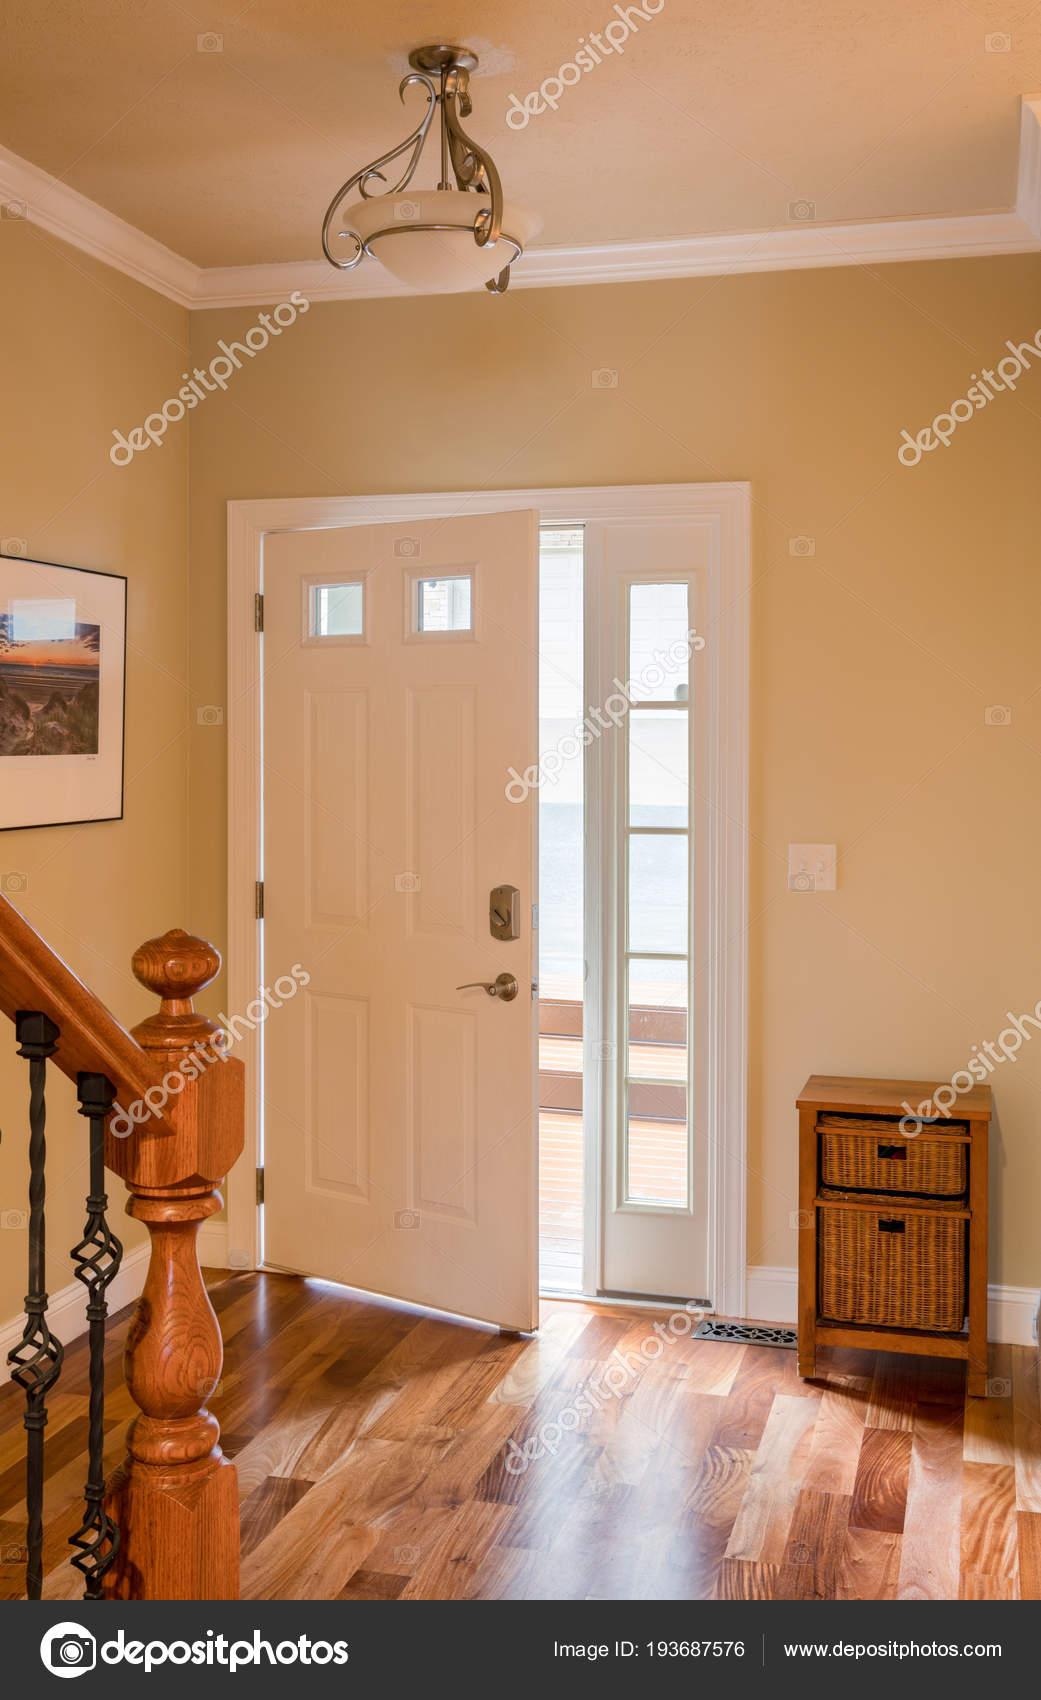 Haustür und Halle mit Holzboden — Stockfoto © steveheap #193687576